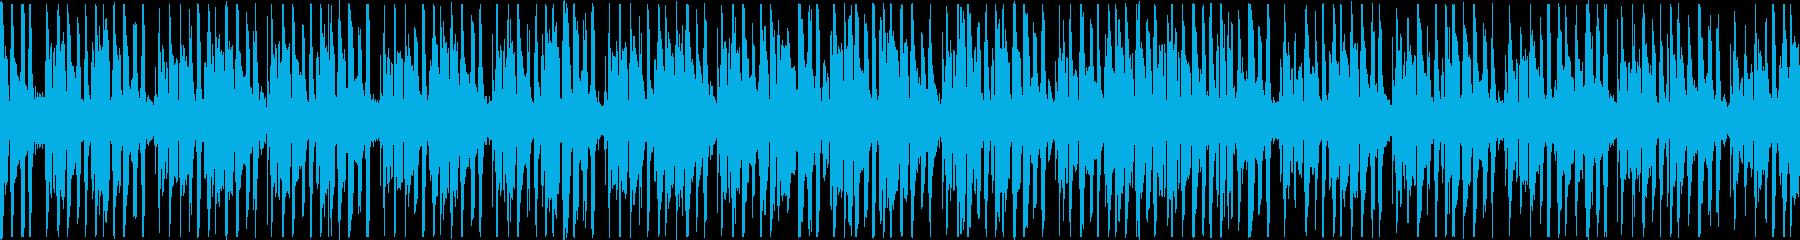 浮遊感のあるピアノエレクトロニカの再生済みの波形